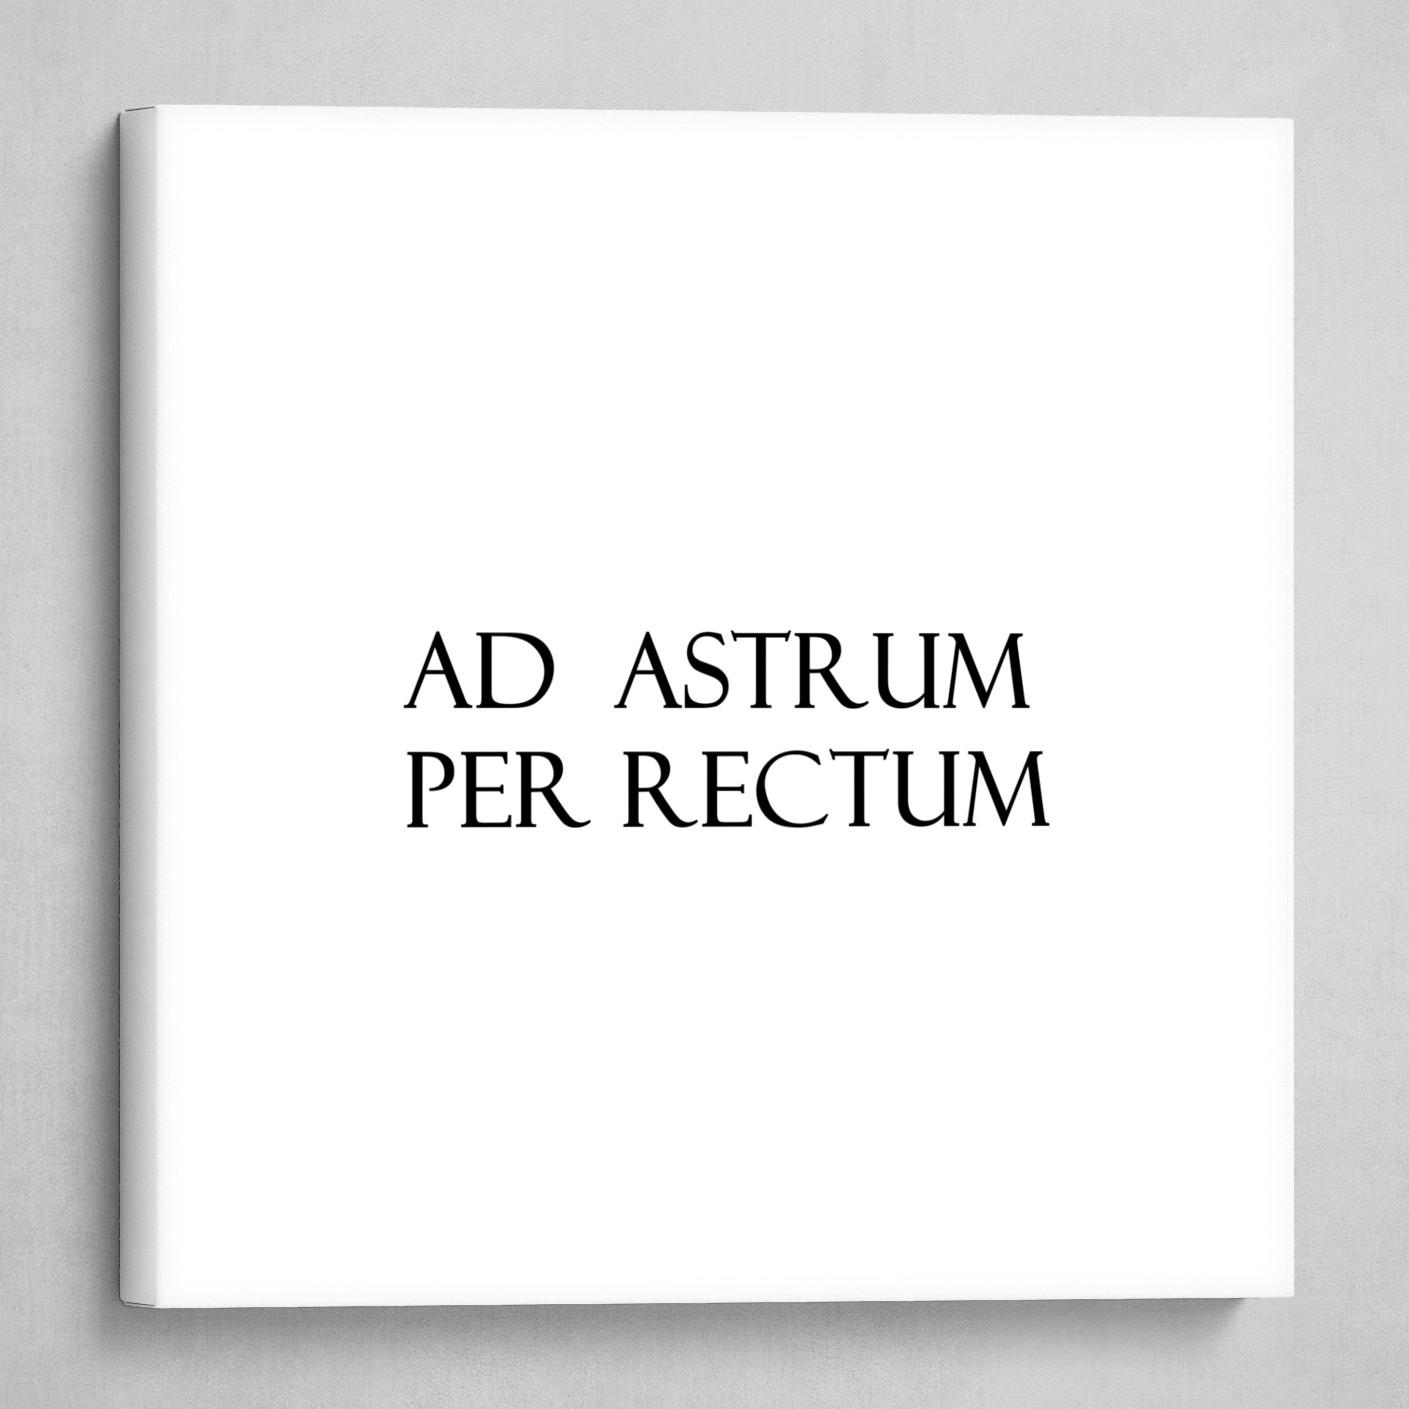 AD ASTRUM PER RECTUM